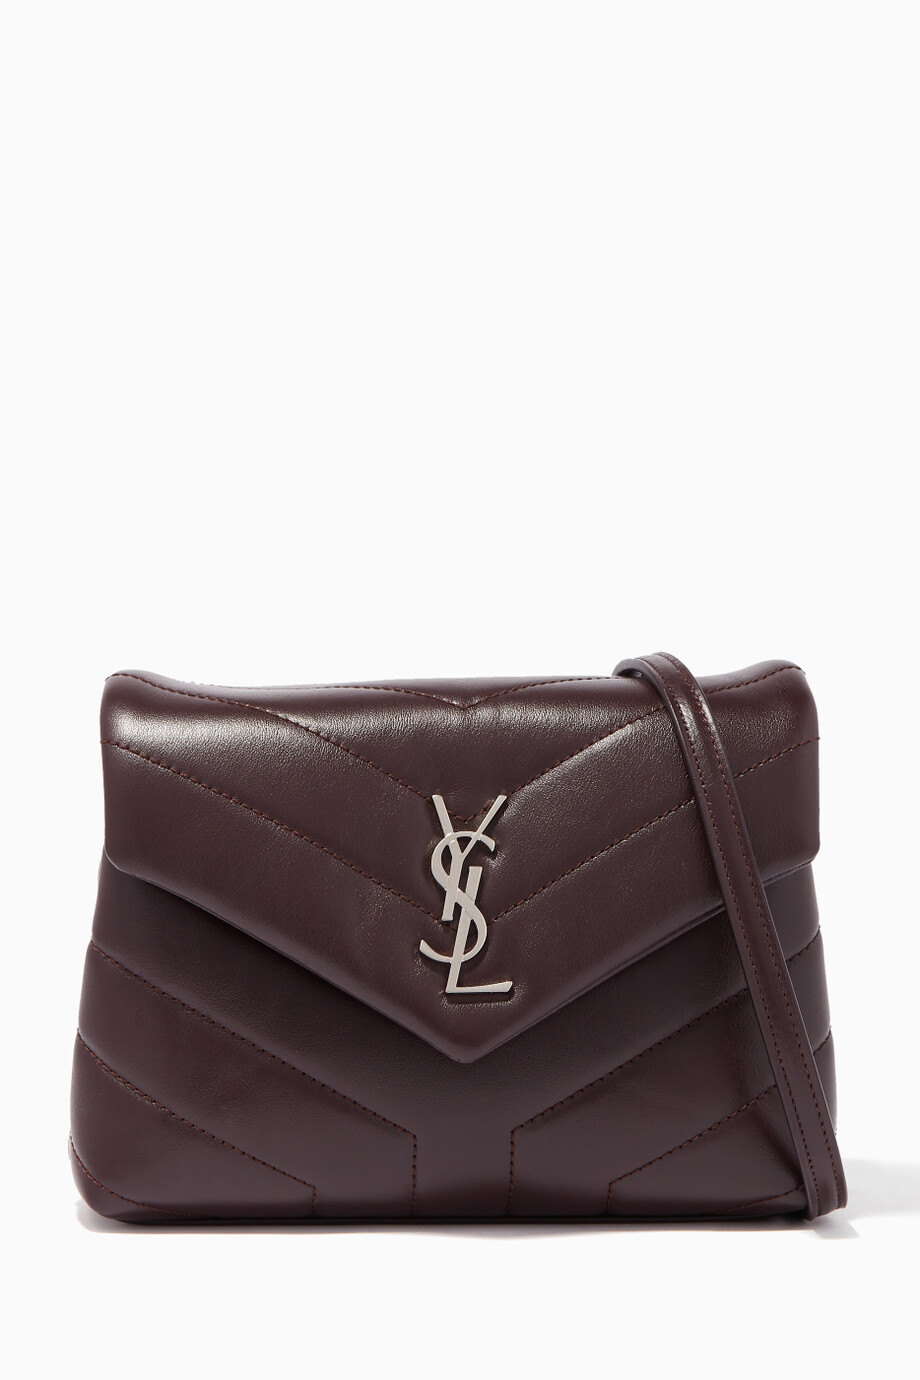 f95539e2e2cc Shop Saint Laurent Purple Black-Tulipe Loulou Leather Strap Wallet for  Women